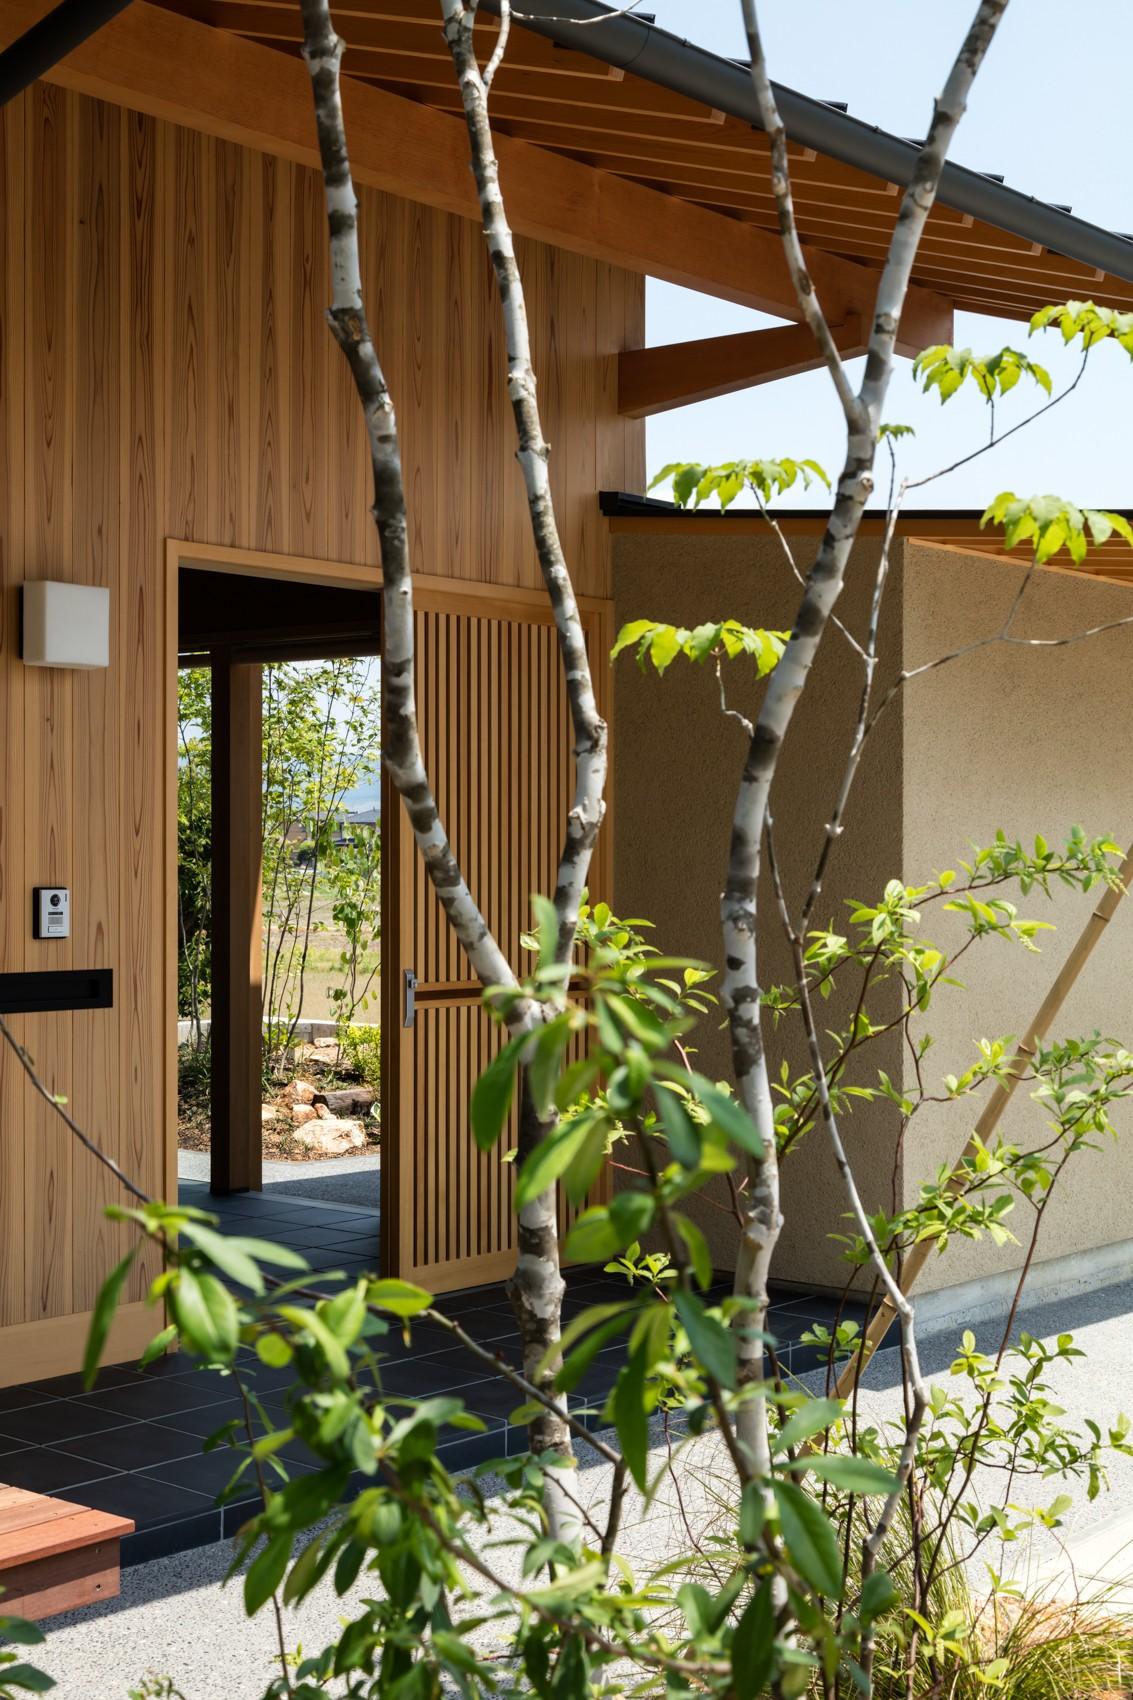 玄関事例:格子戸の玄関(眺望とお庭を楽しむ|火のある暮らしを楽しむ住まい 天理の家)